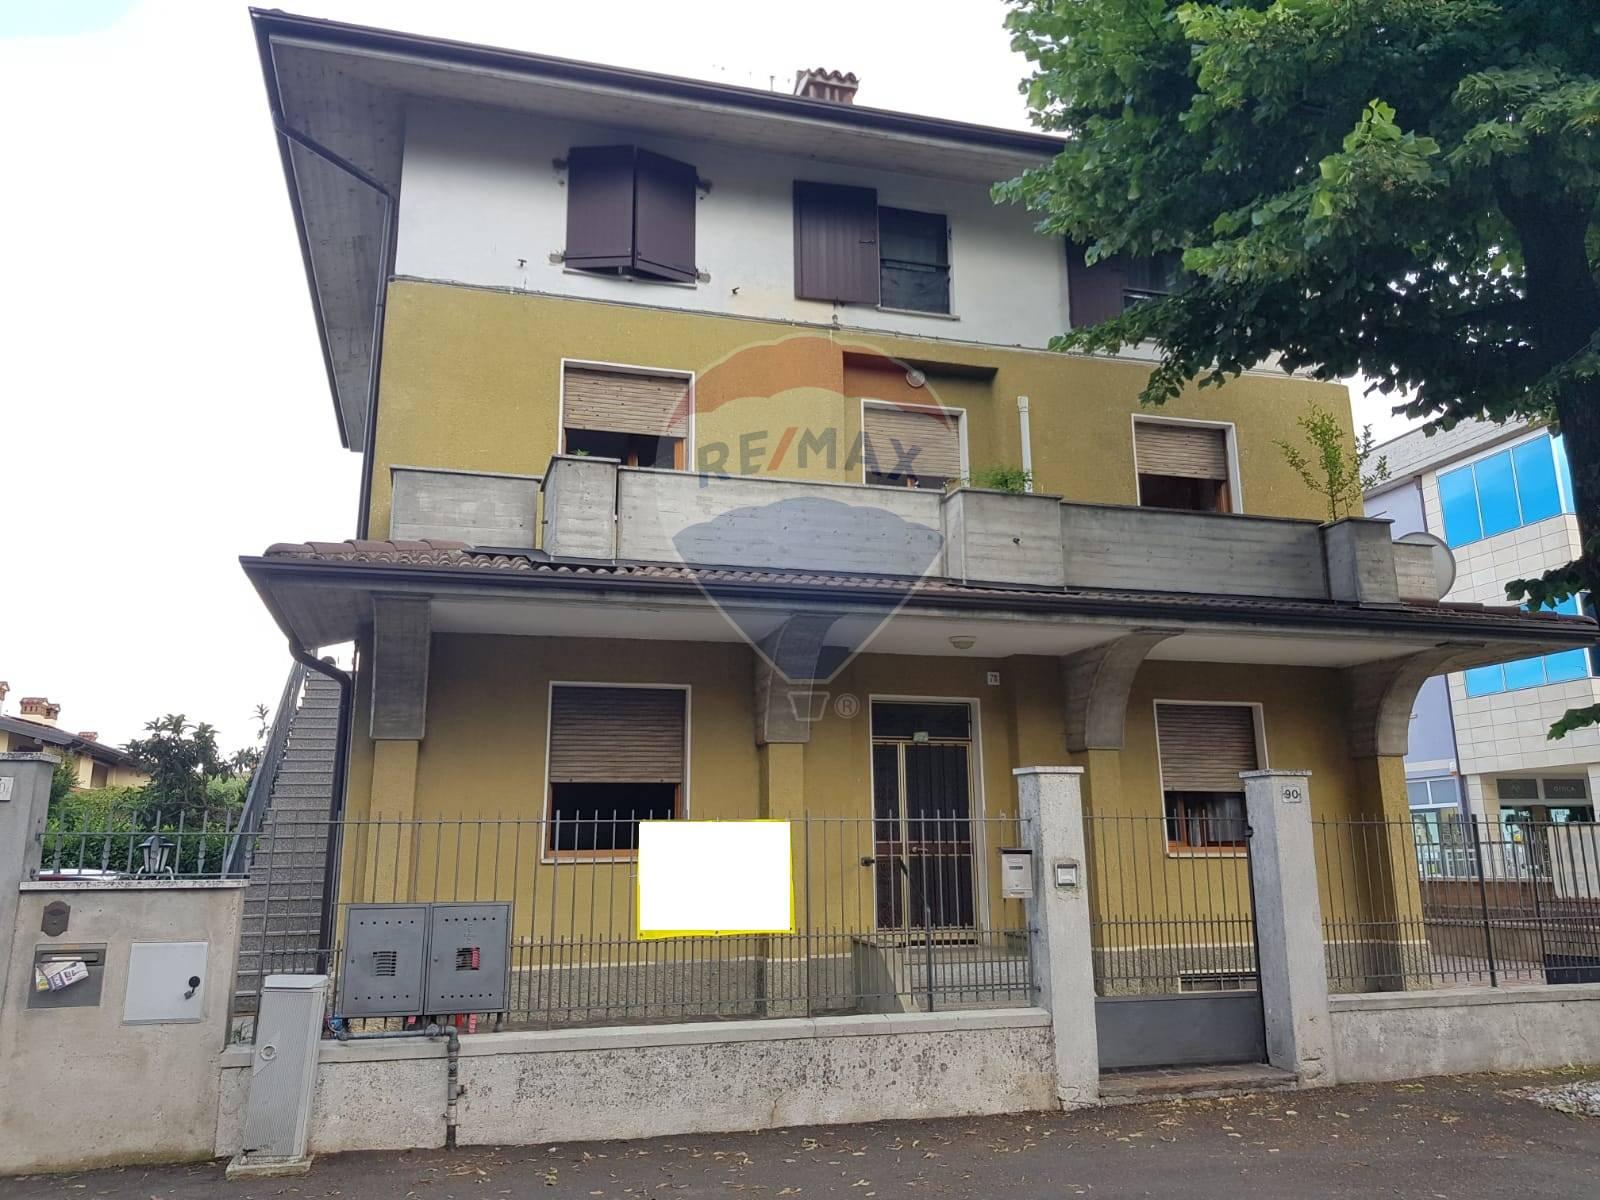 Soluzione Semindipendente in vendita a Prevalle, 10 locali, prezzo € 235.000 | PortaleAgenzieImmobiliari.it